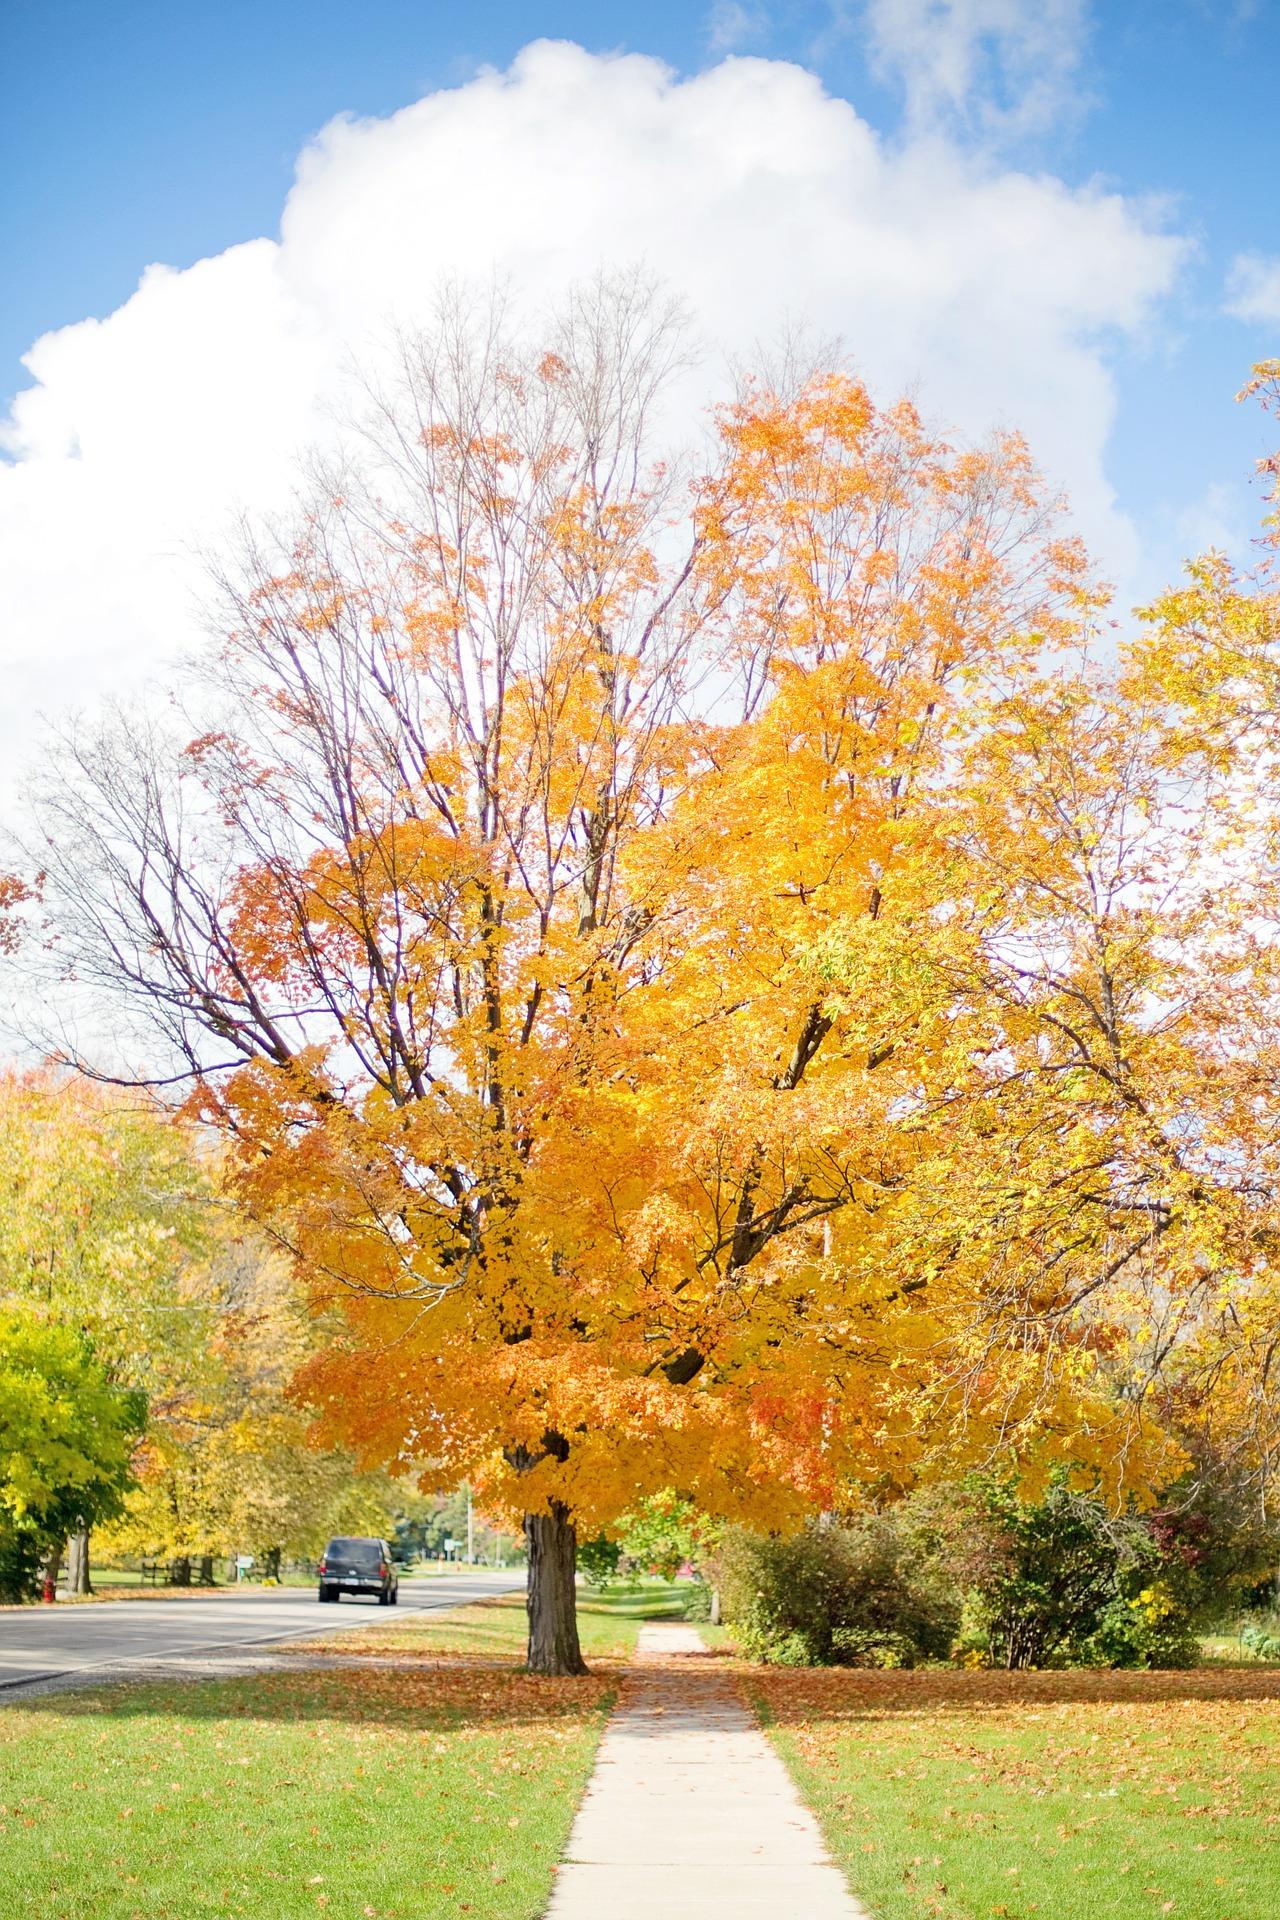 Fall Season, Autumn, Dry, Fall, Fallen, HQ Photo